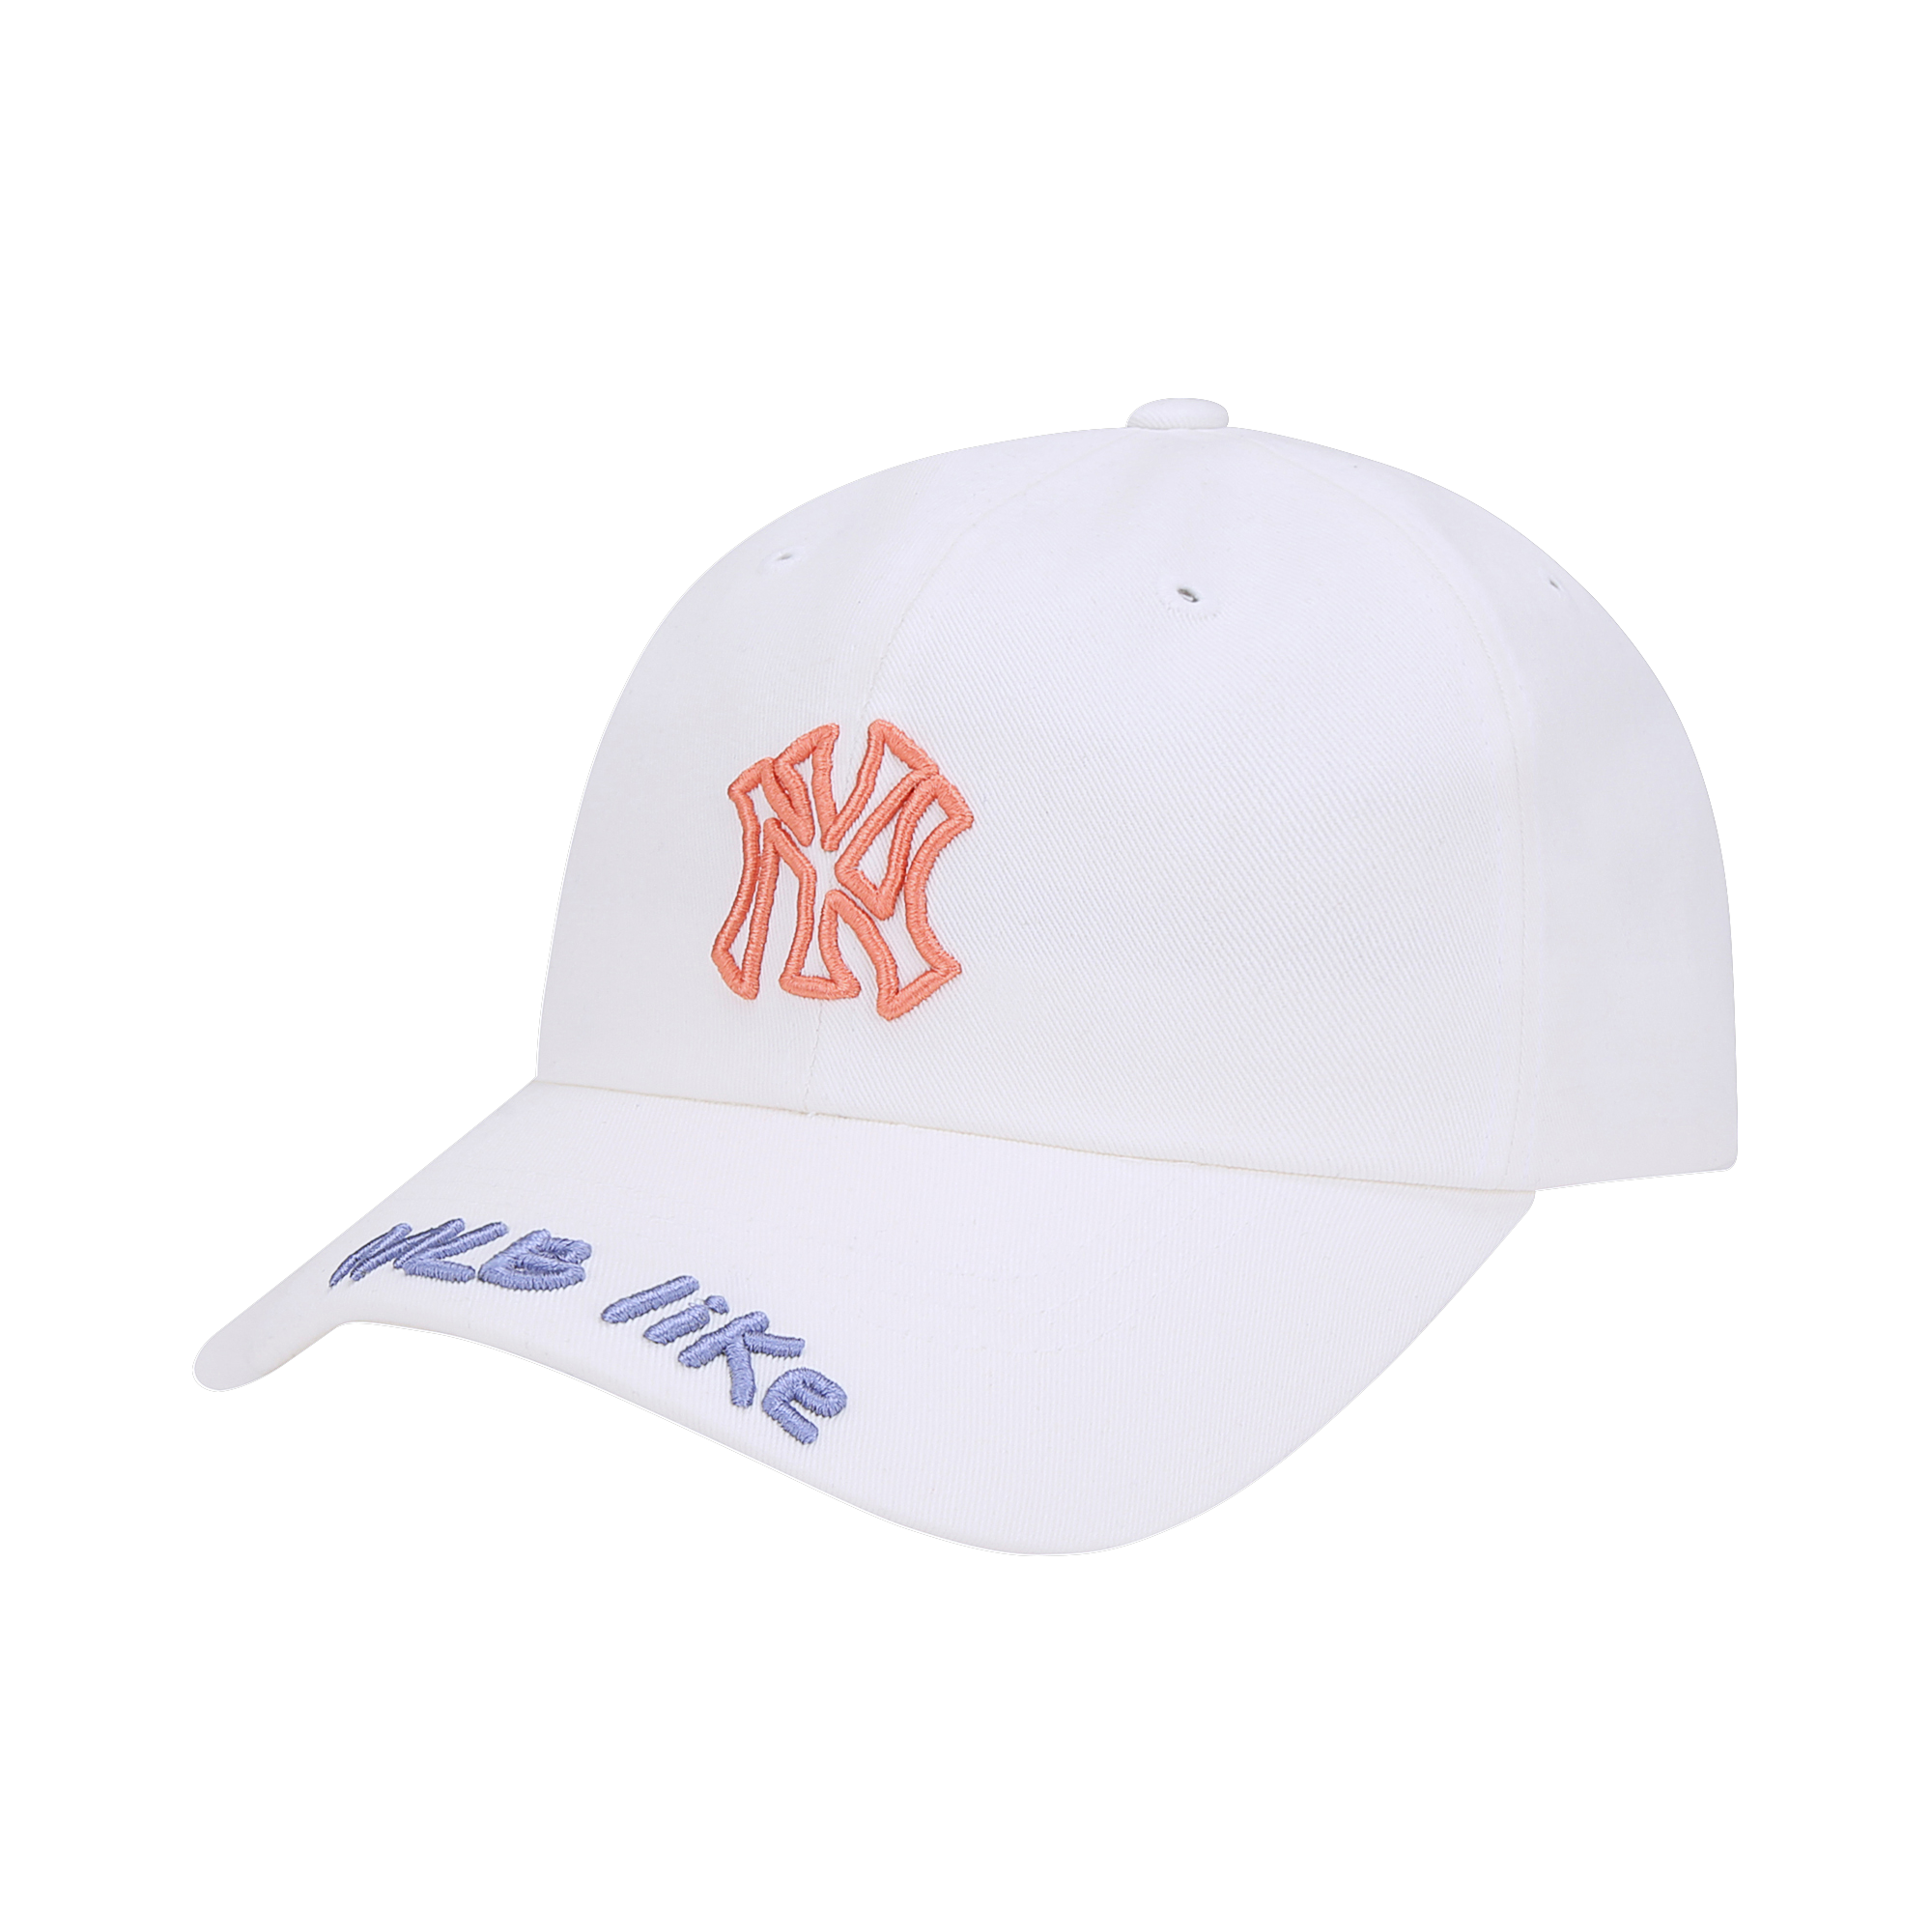 팝콘 MLB LIKE 볼캡 뉴욕양키스